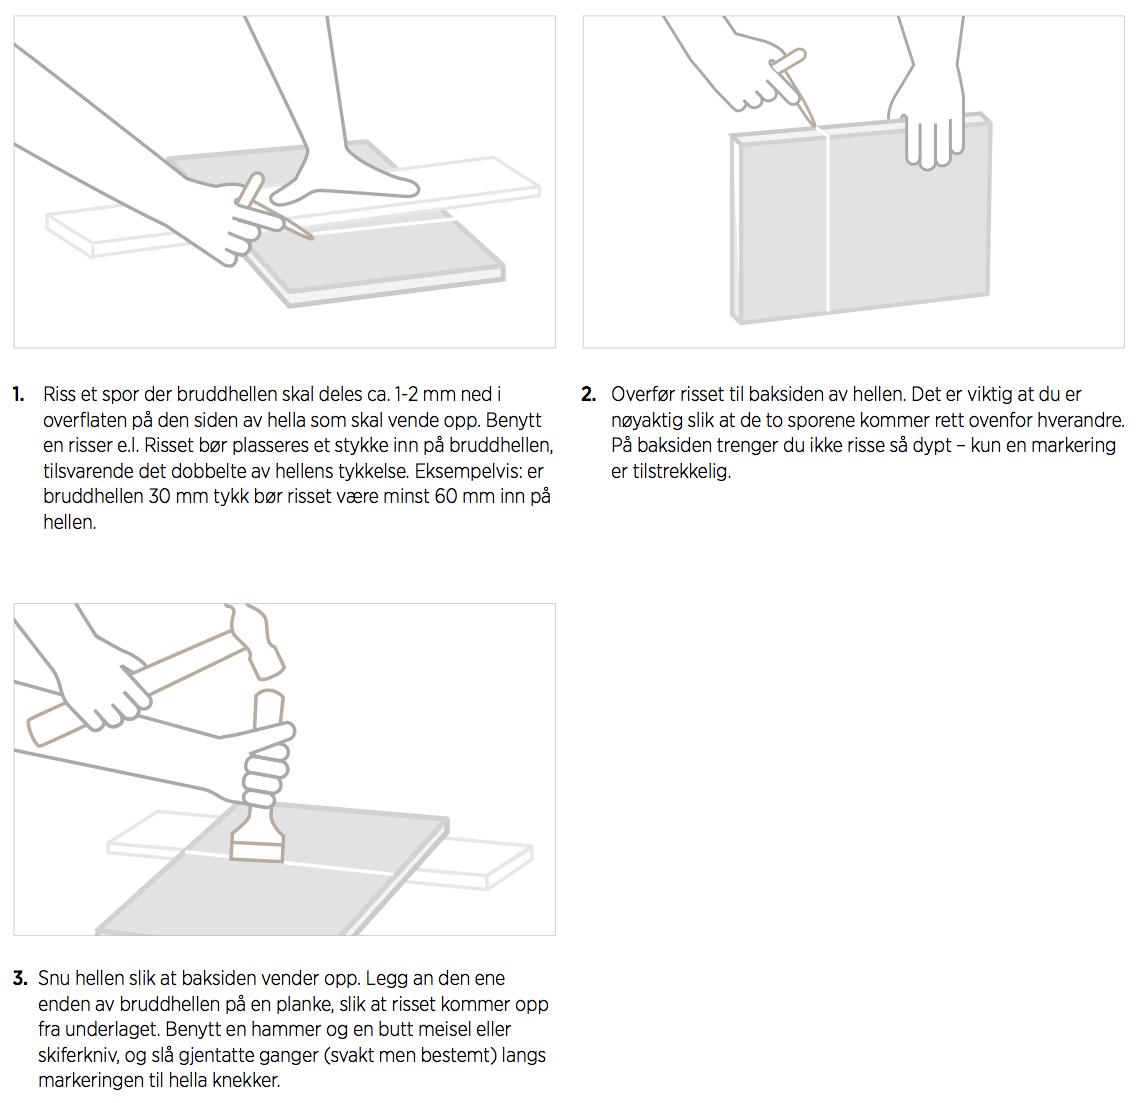 Monteringsveiledning - bruddheller sand, tilpasning